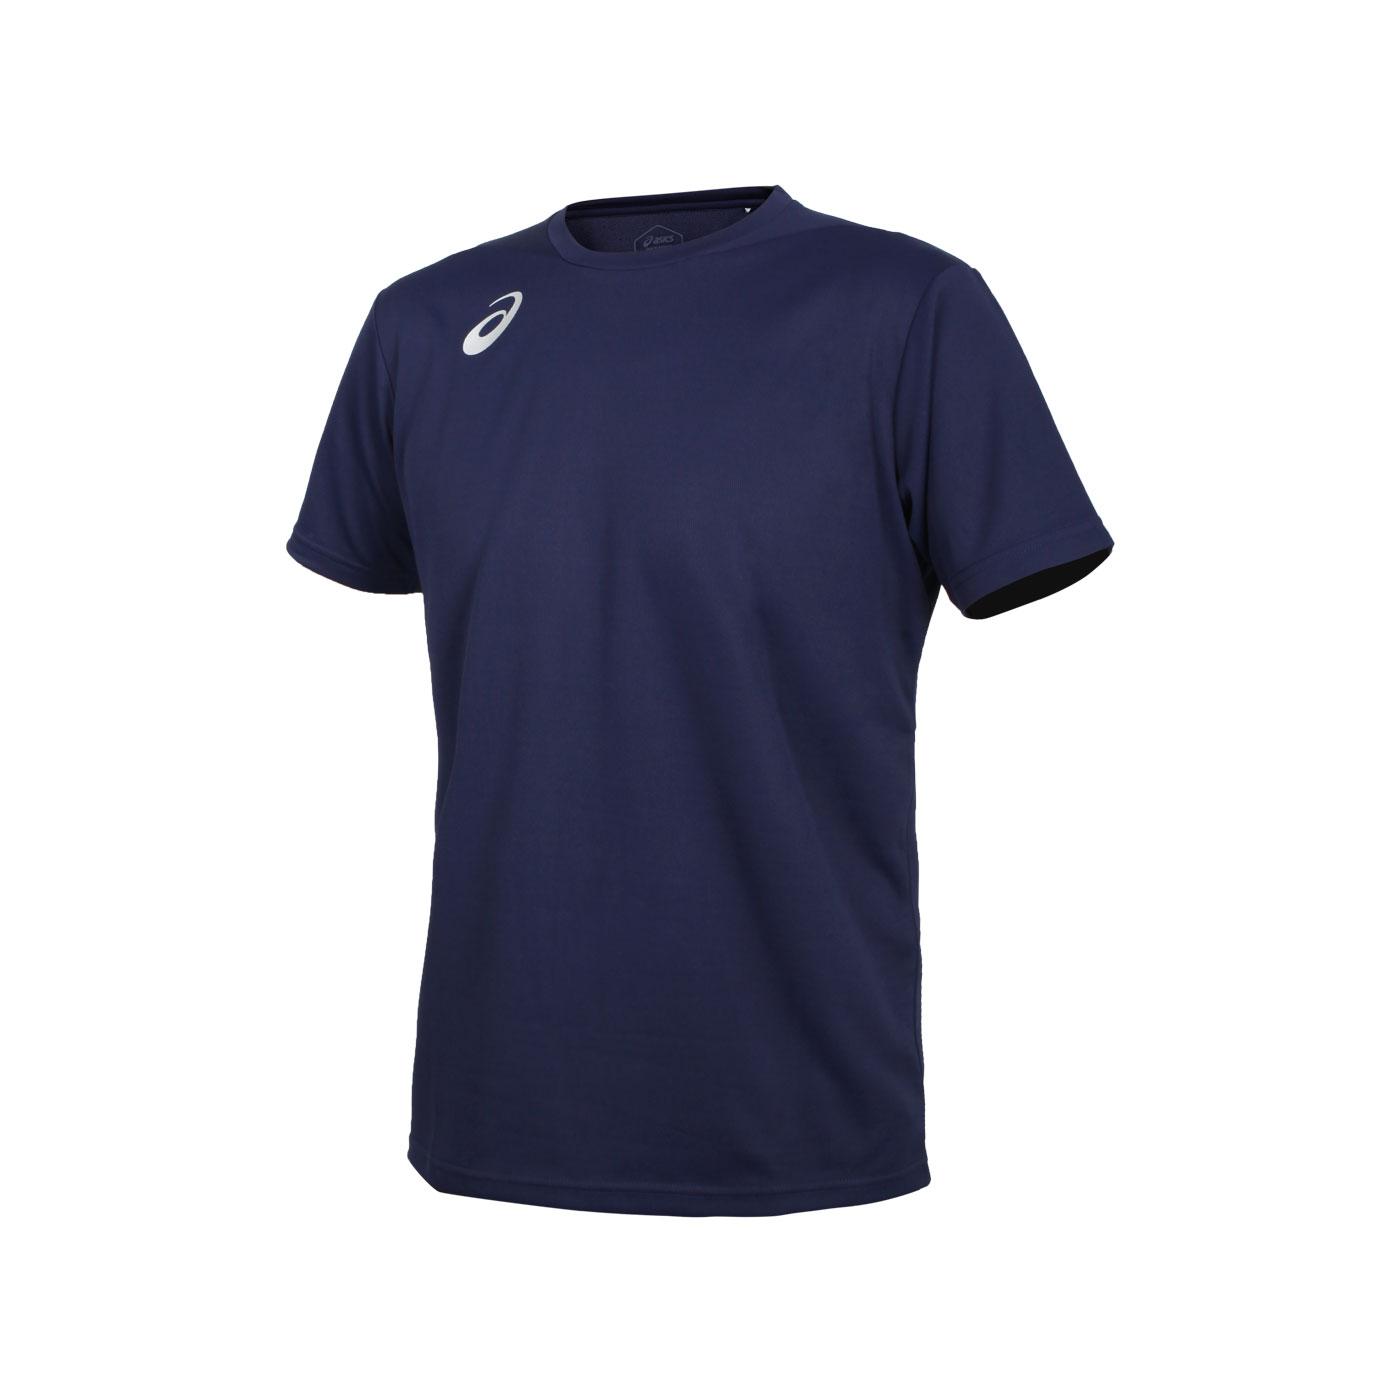 ASICS 男款排羽球短袖T恤 2051A295-400